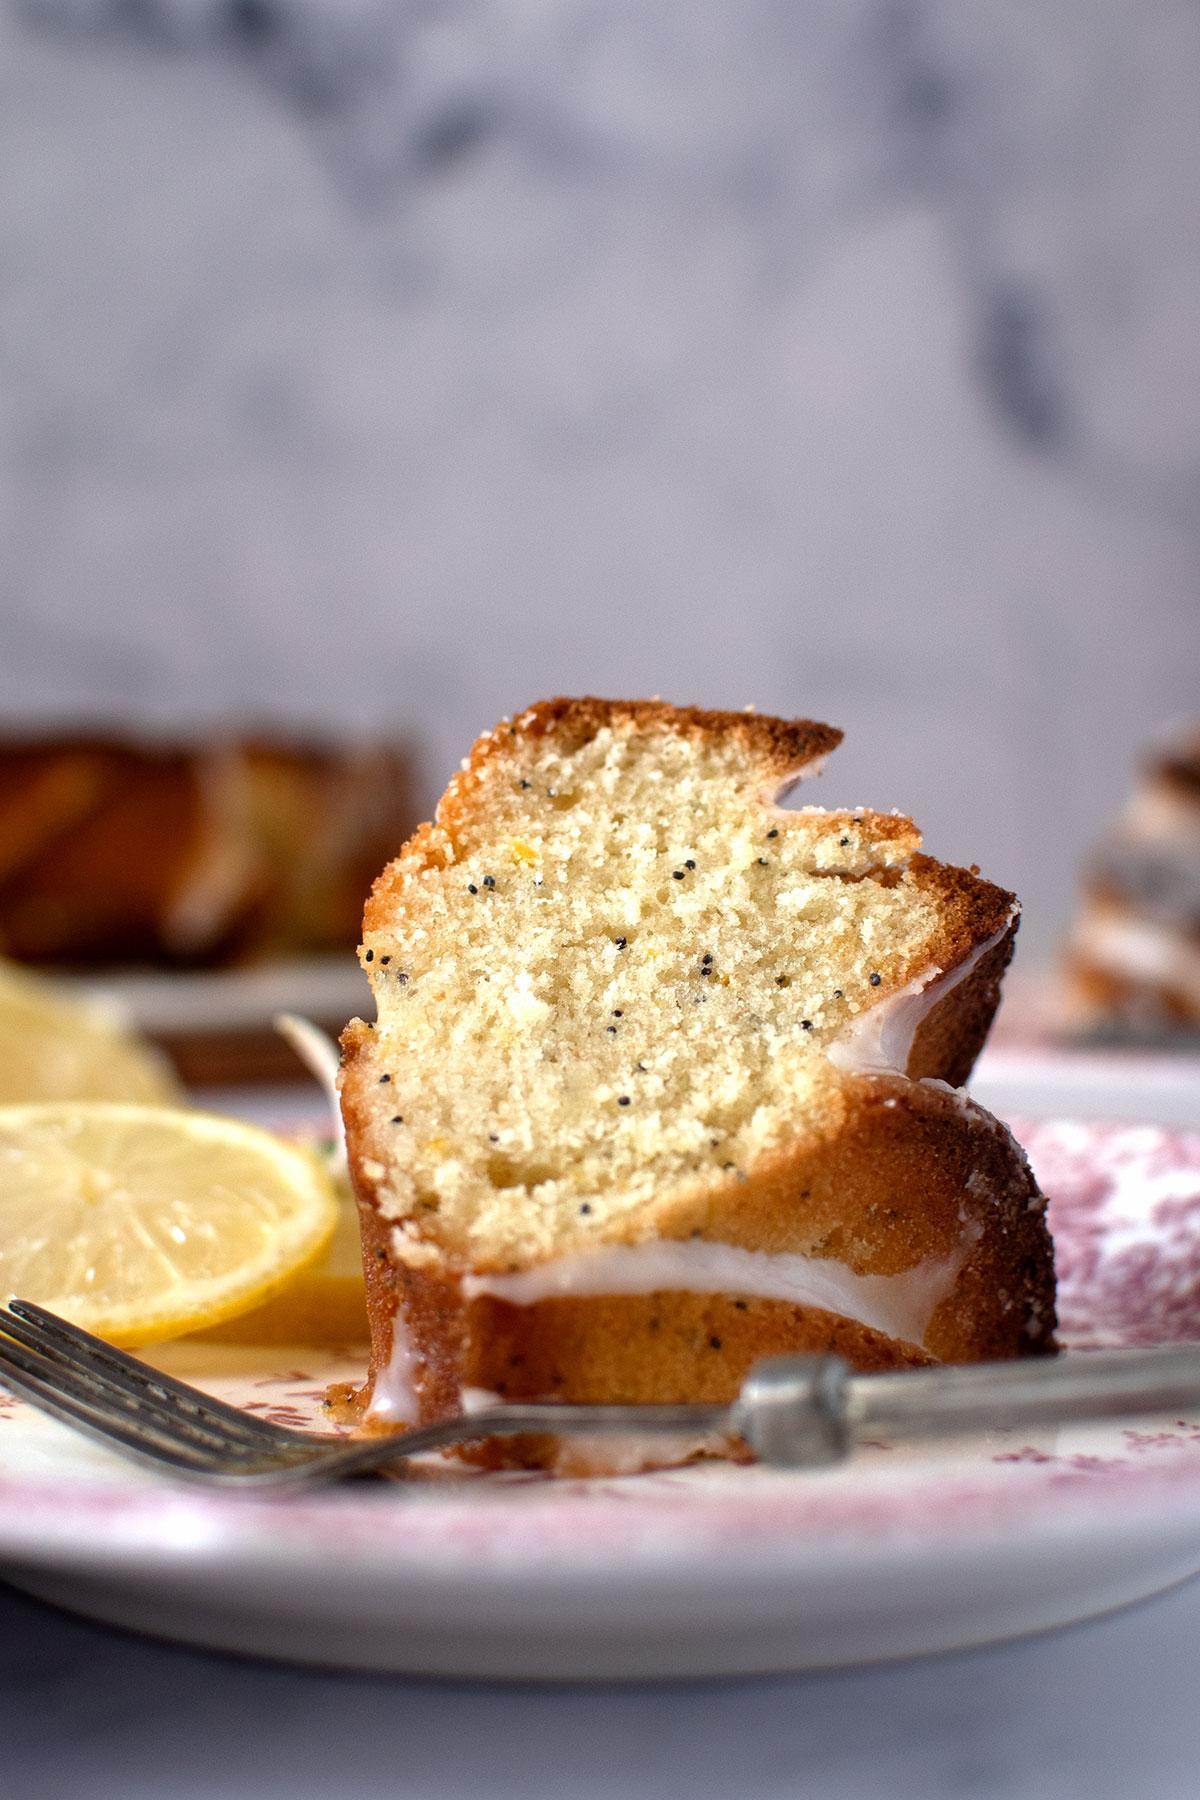 ζουμερό, αφράτο κέικ λεμονιού με γιαούρτι